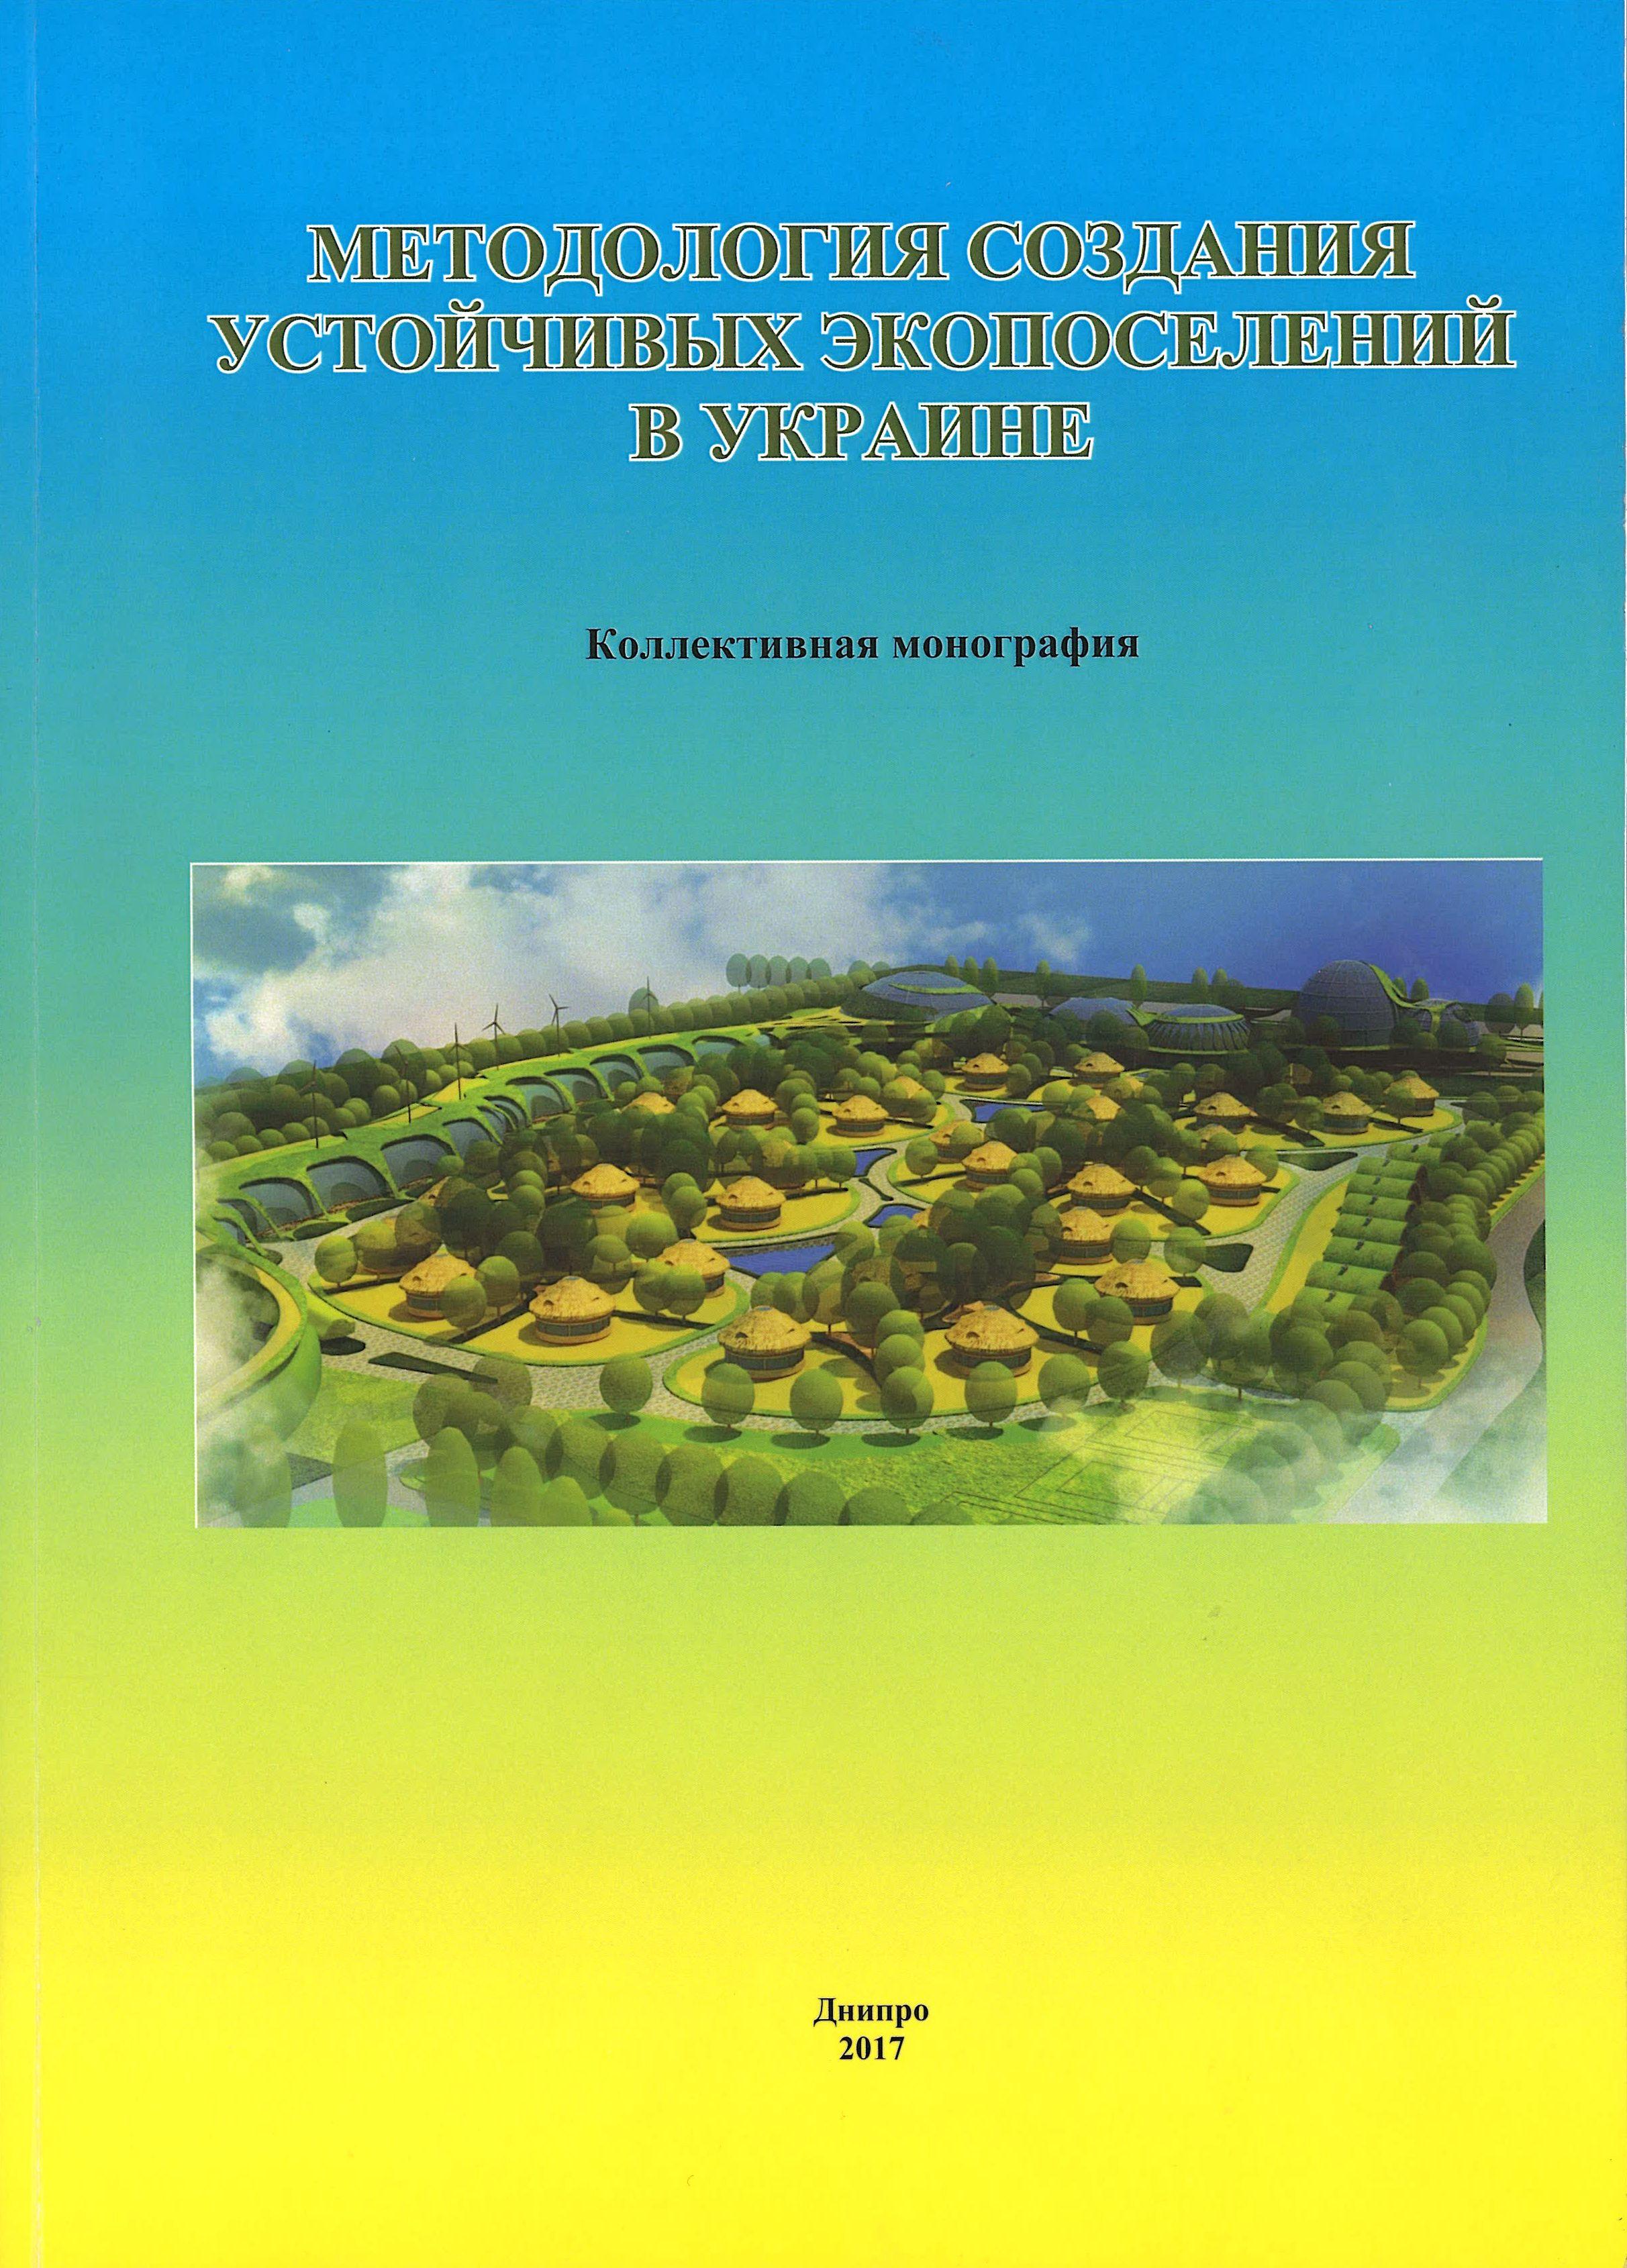 Методология создания устойчивых экопоселений в Украине, 2017